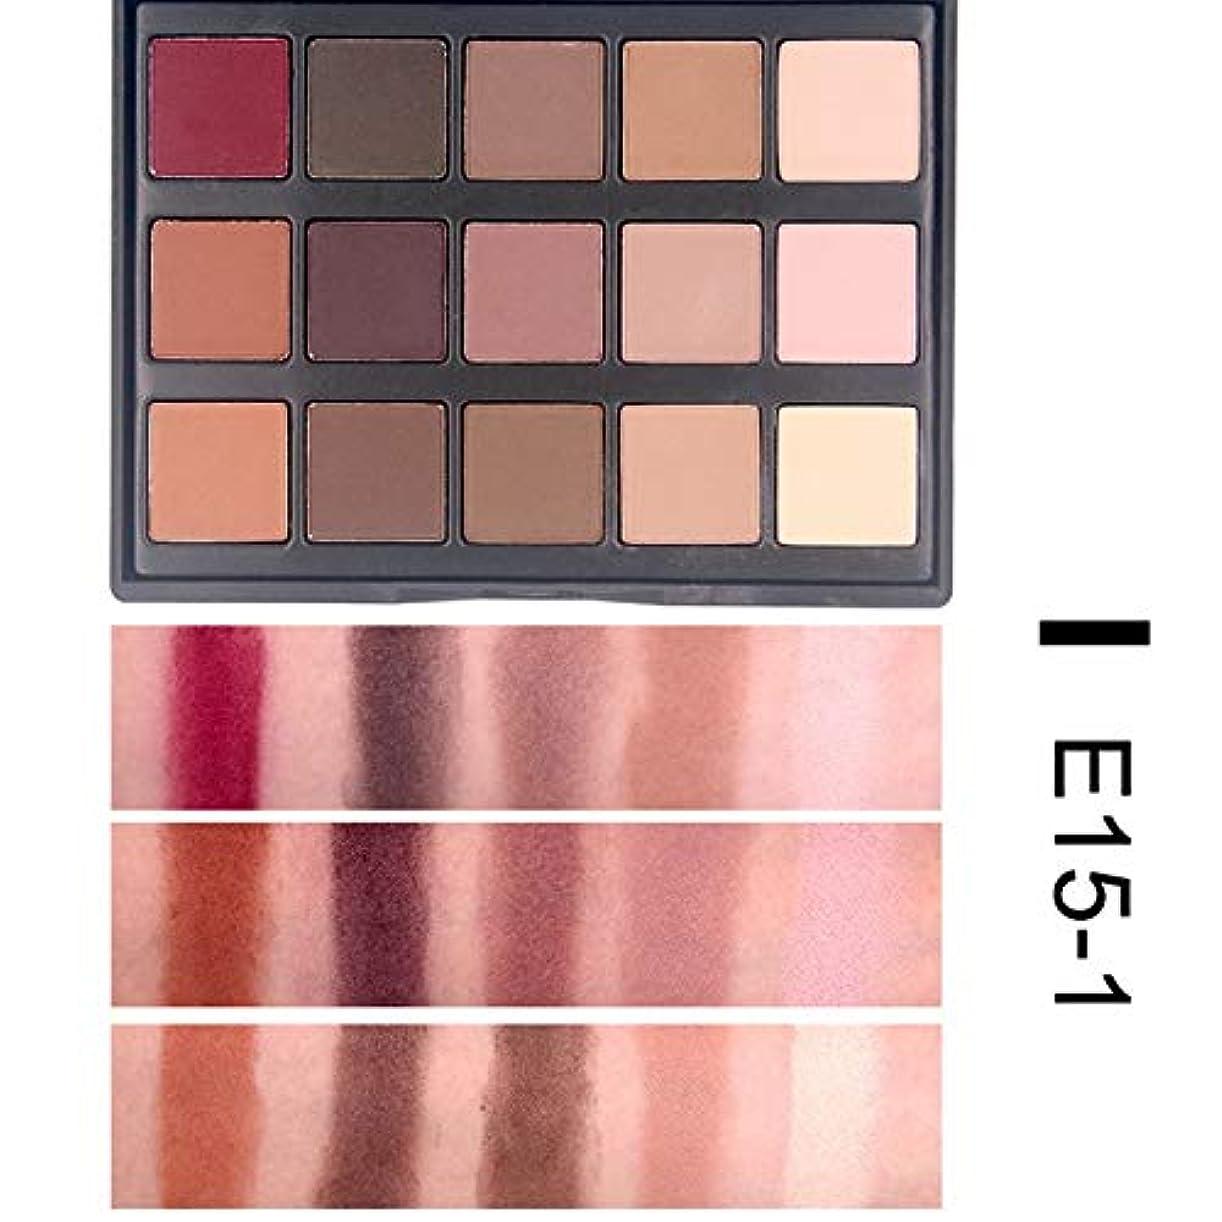 差別する乳製品包括的Rabugoo 15色ミニアイシャドウパウダーマットアイシャドウ化粧品メイクアップ EP15#1